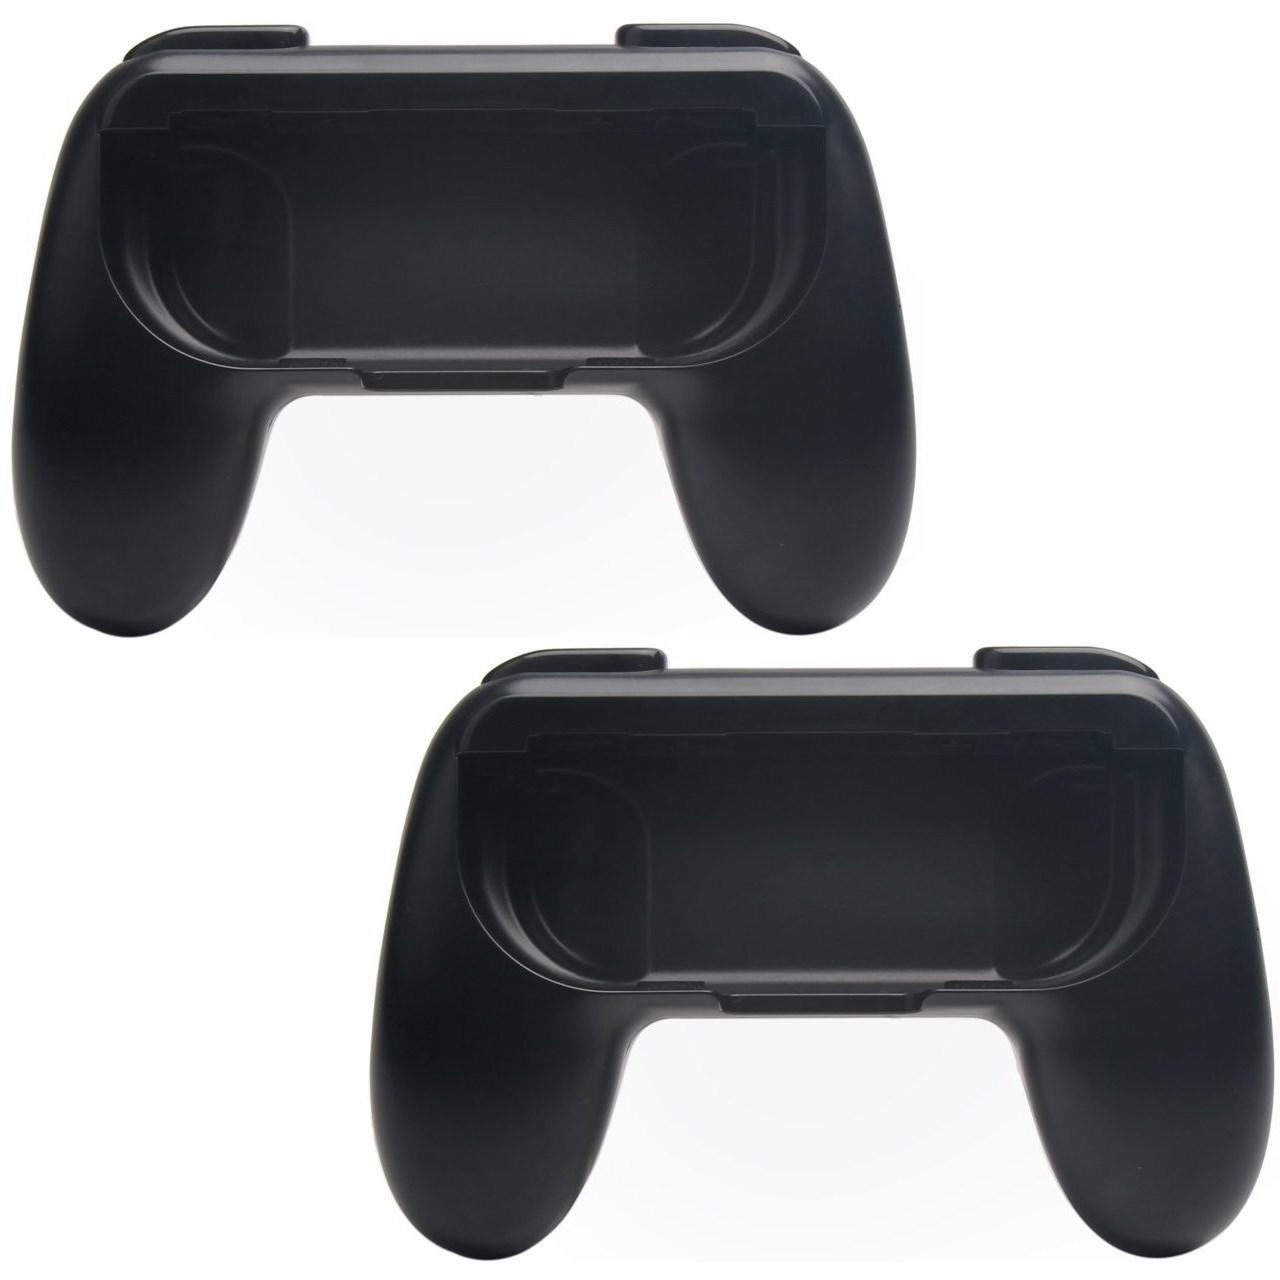 دسته بازی دابی مدل Controller Grip بسته دو عددی